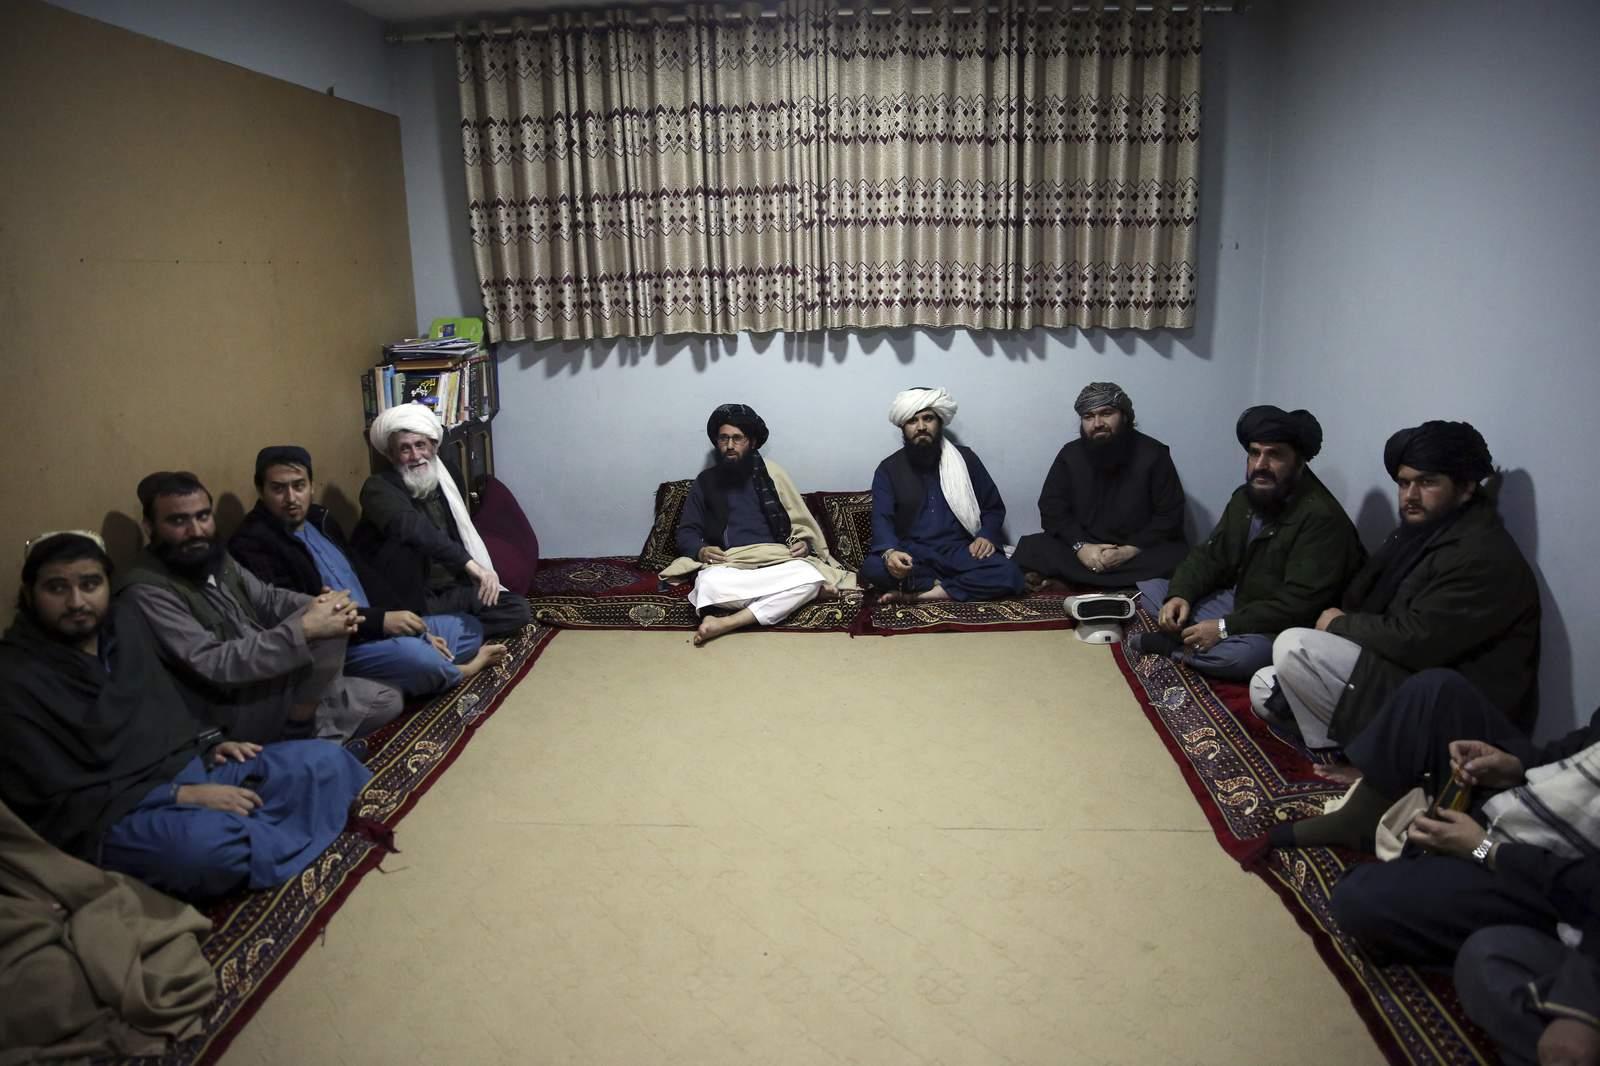 Los talibanes están listos para iniciar el cese del fuego en áreas afganas afectadas por virus 50